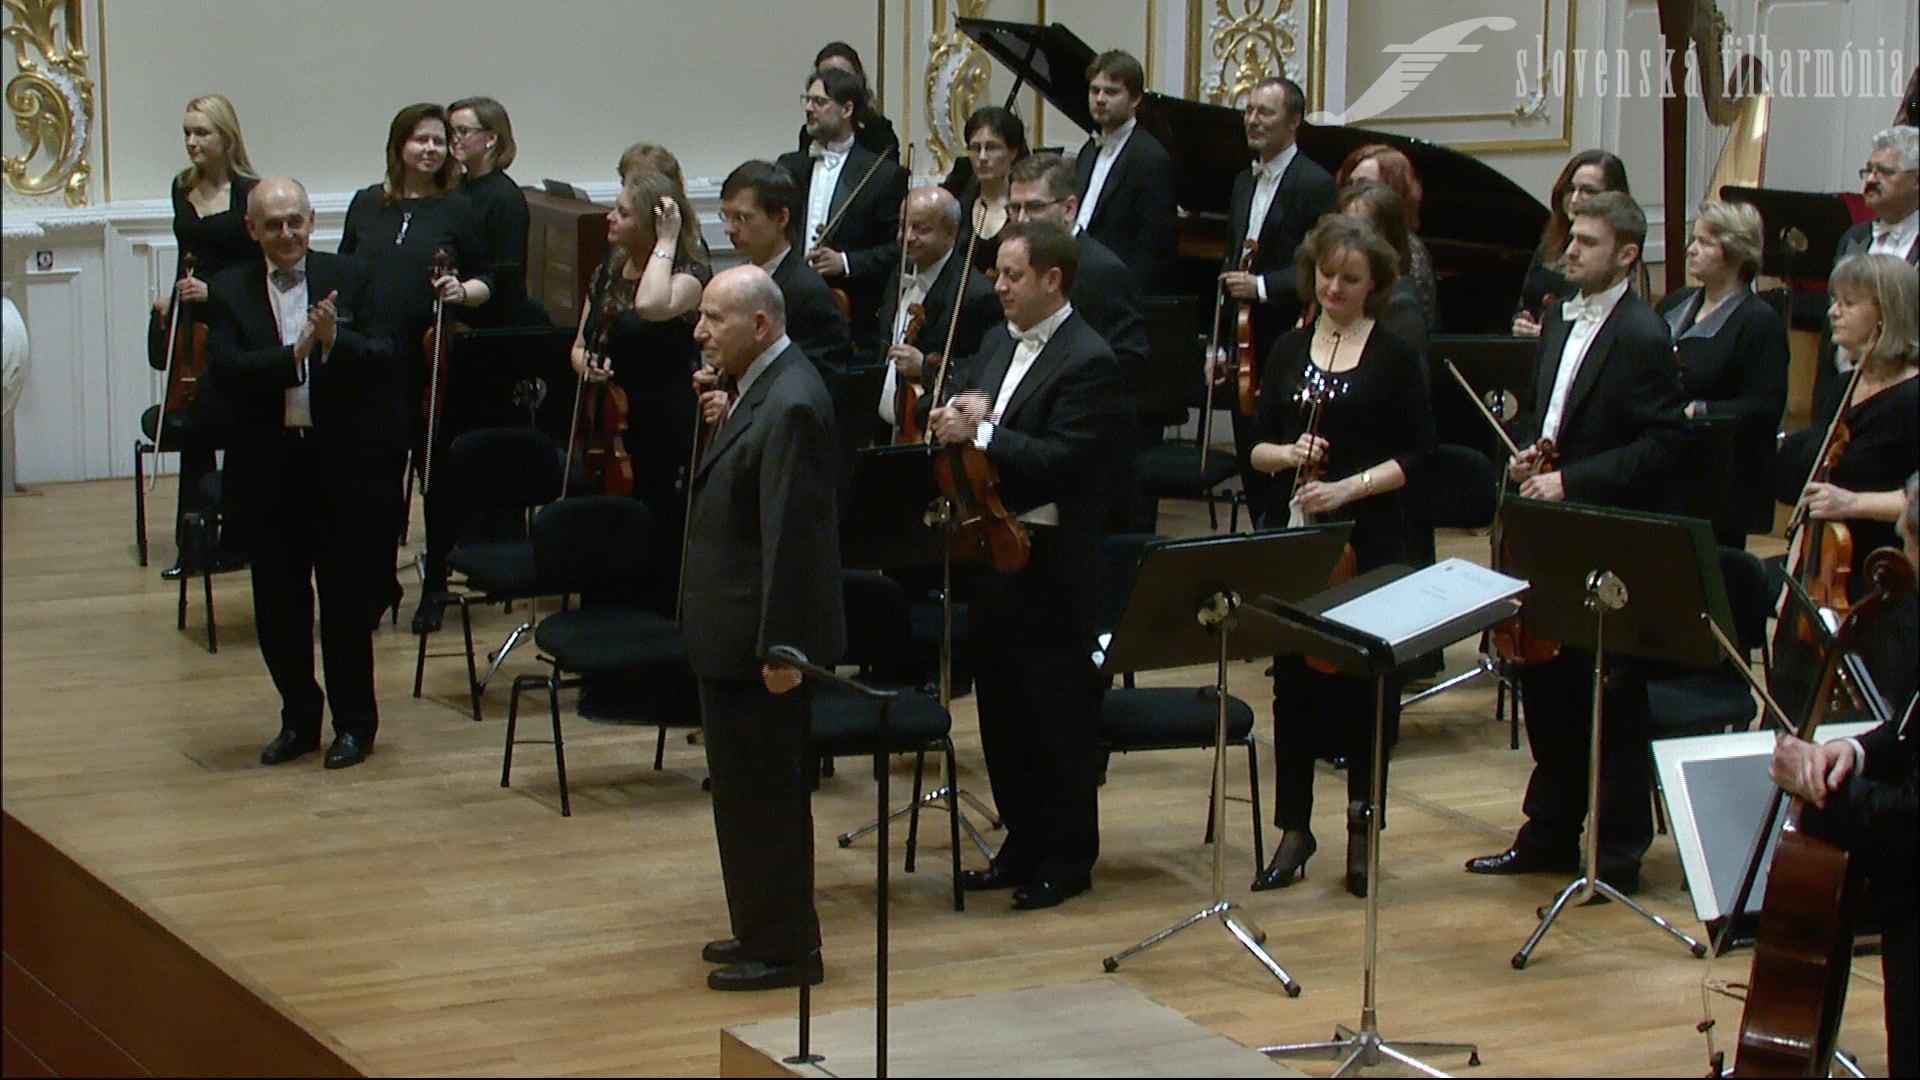 Kolman, Schmidt, Mendelssohn Bartholdy